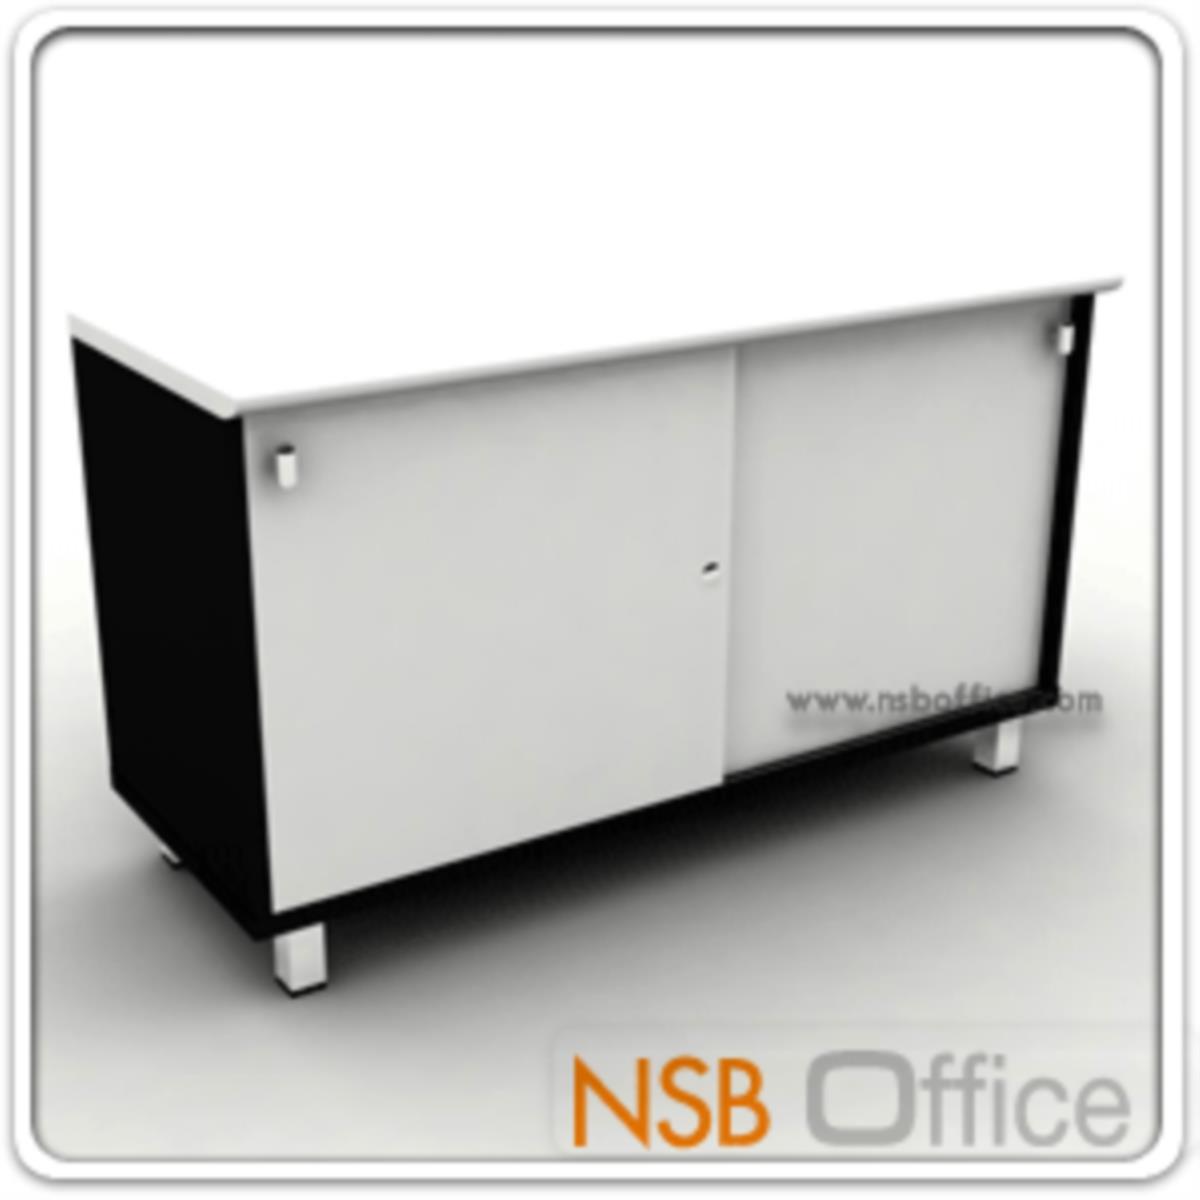 ตู้เสริมข้าง สูง 67 cm. 2 บานเลื่อน ผิวเงา Hi-Gloss รุ่น HTY-NAVA67  ขาเหล็กชุบโครเมี่ยม